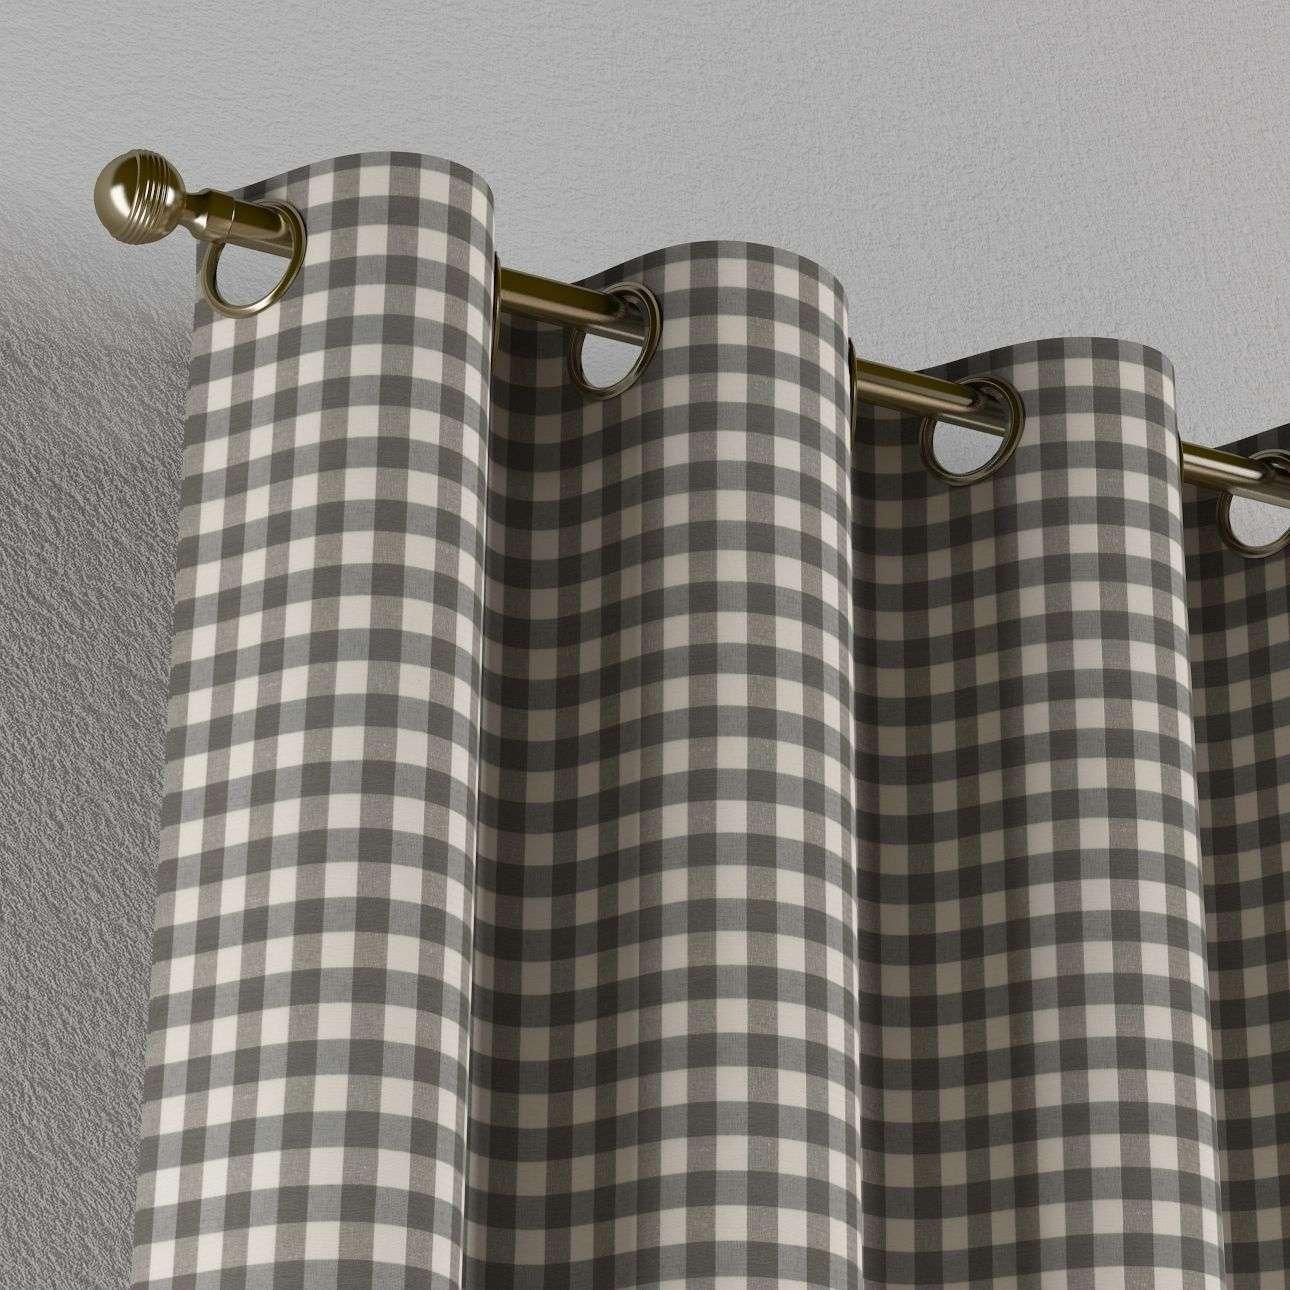 Zasłona na kółkach 1 szt. 1szt 130x260 cm w kolekcji Quadro, tkanina: 136-11